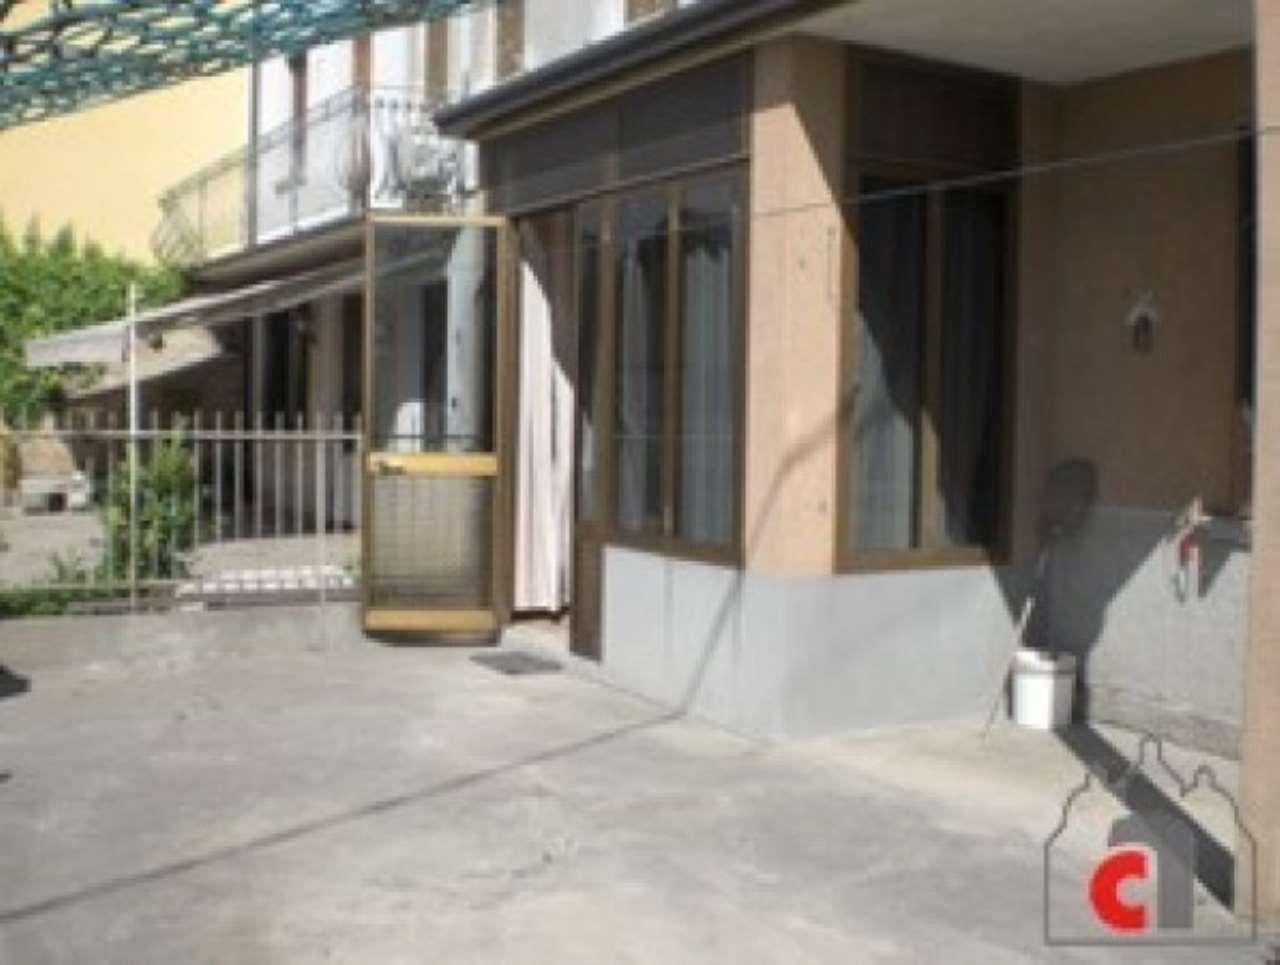 Soluzione Indipendente in vendita a Padova, 4 locali, zona Zona: 4 . Sud-Est (S.Croce-S. Osvaldo, Bassanello-Voltabarozzo), prezzo € 125.000 | Cambio Casa.it